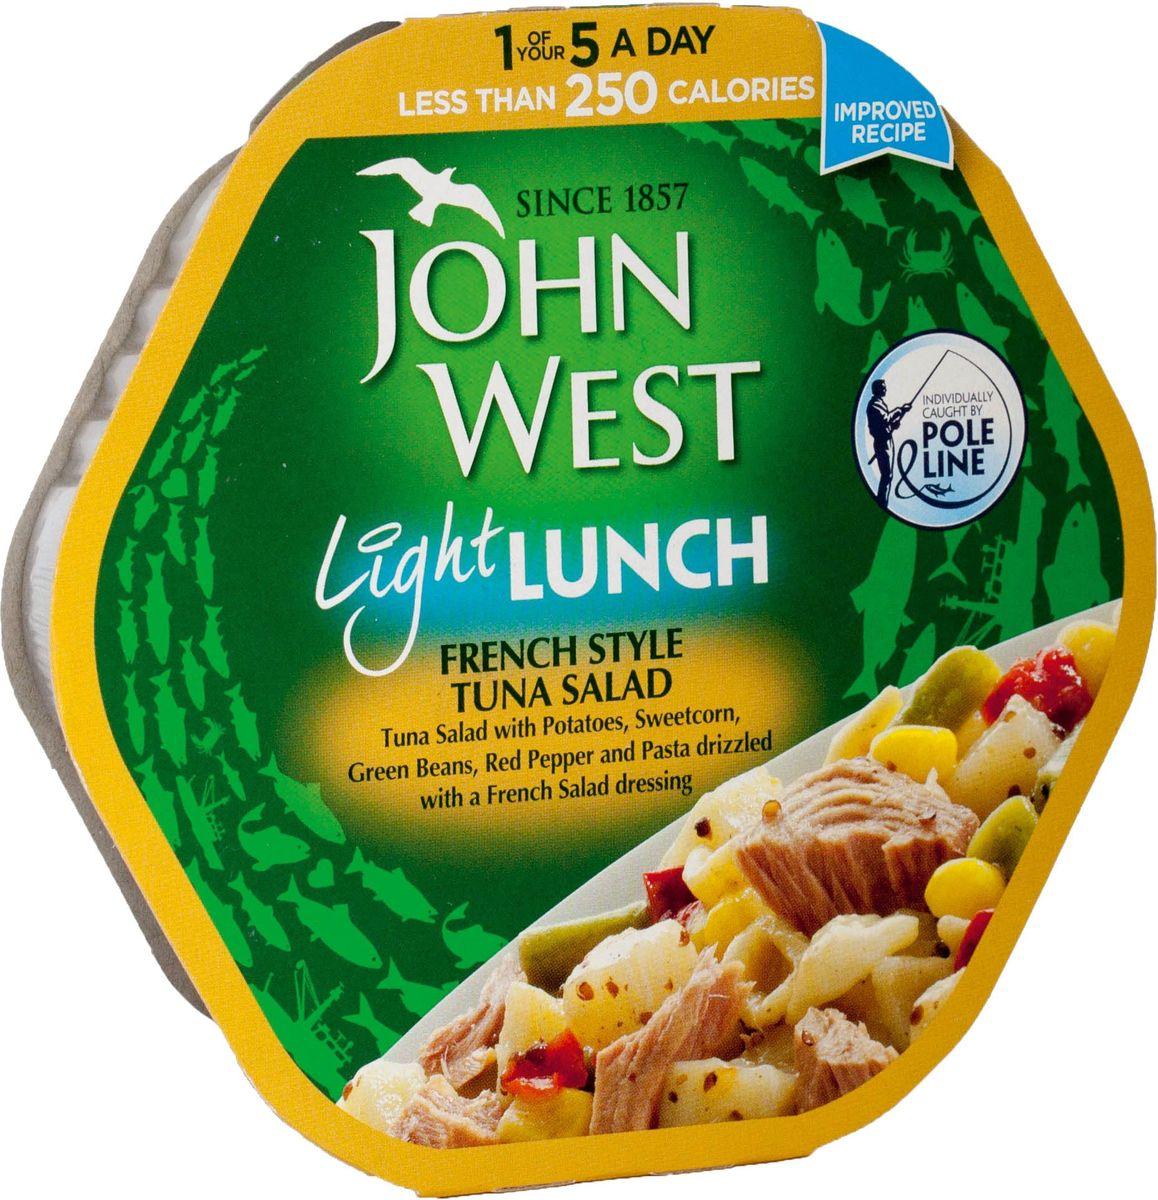 John West легкий обед с тунцом французский, 220 г морепродукты рыба